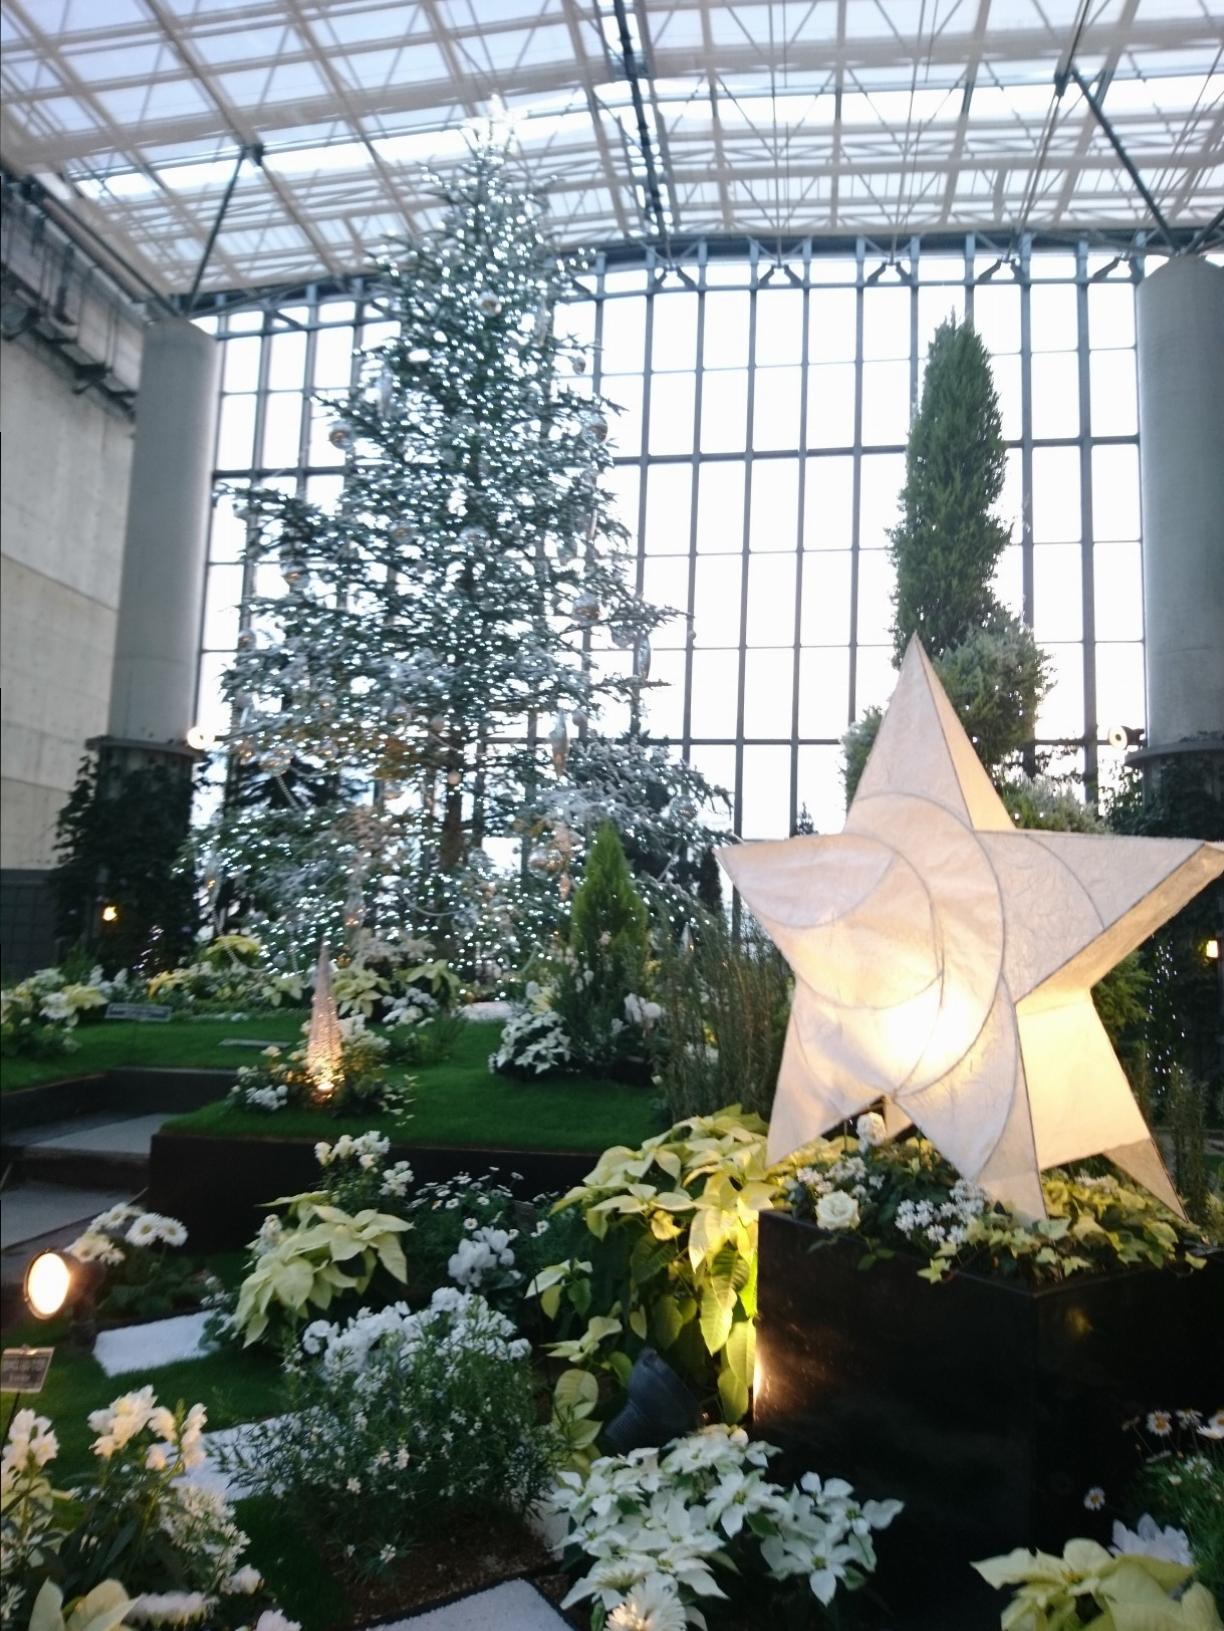 クリスマスシーズンに家族&カップルにお勧め!植物と光に彩られた奇跡の植物館_4